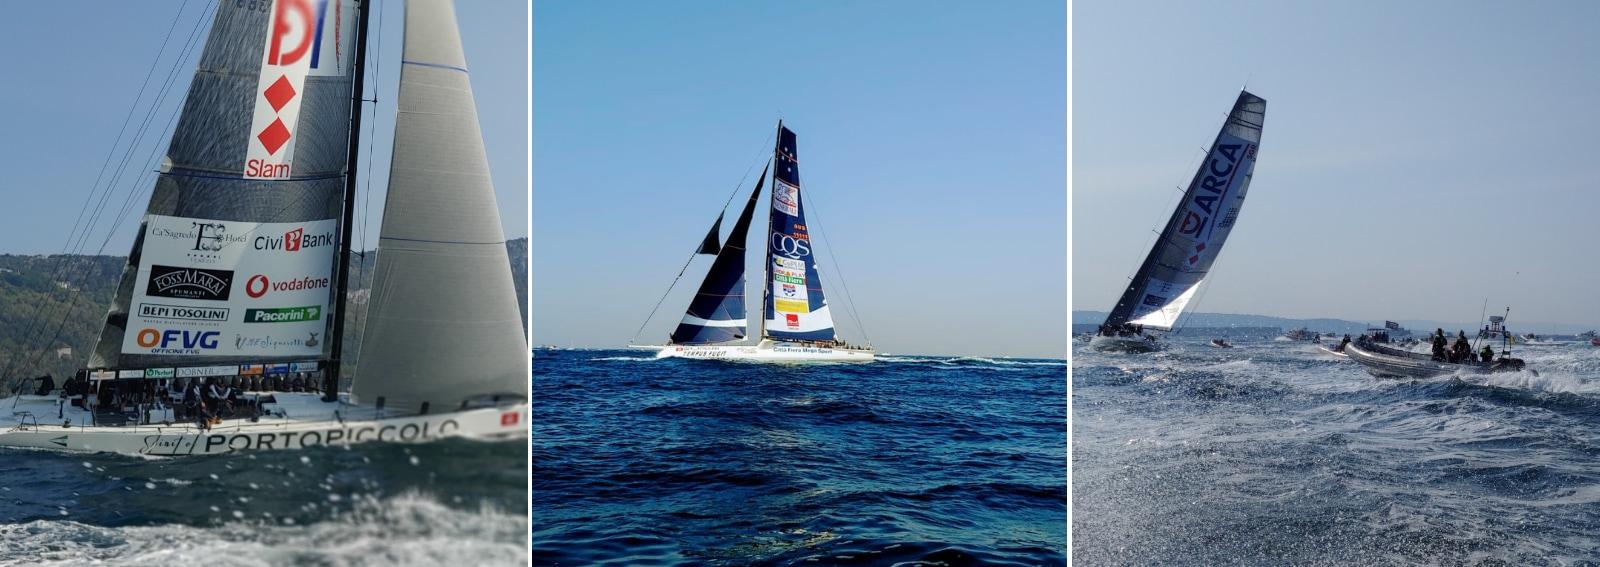 Barcolana 50 Trieste regata Storica @Cristina Piccinotti foto con LG G7 DESK